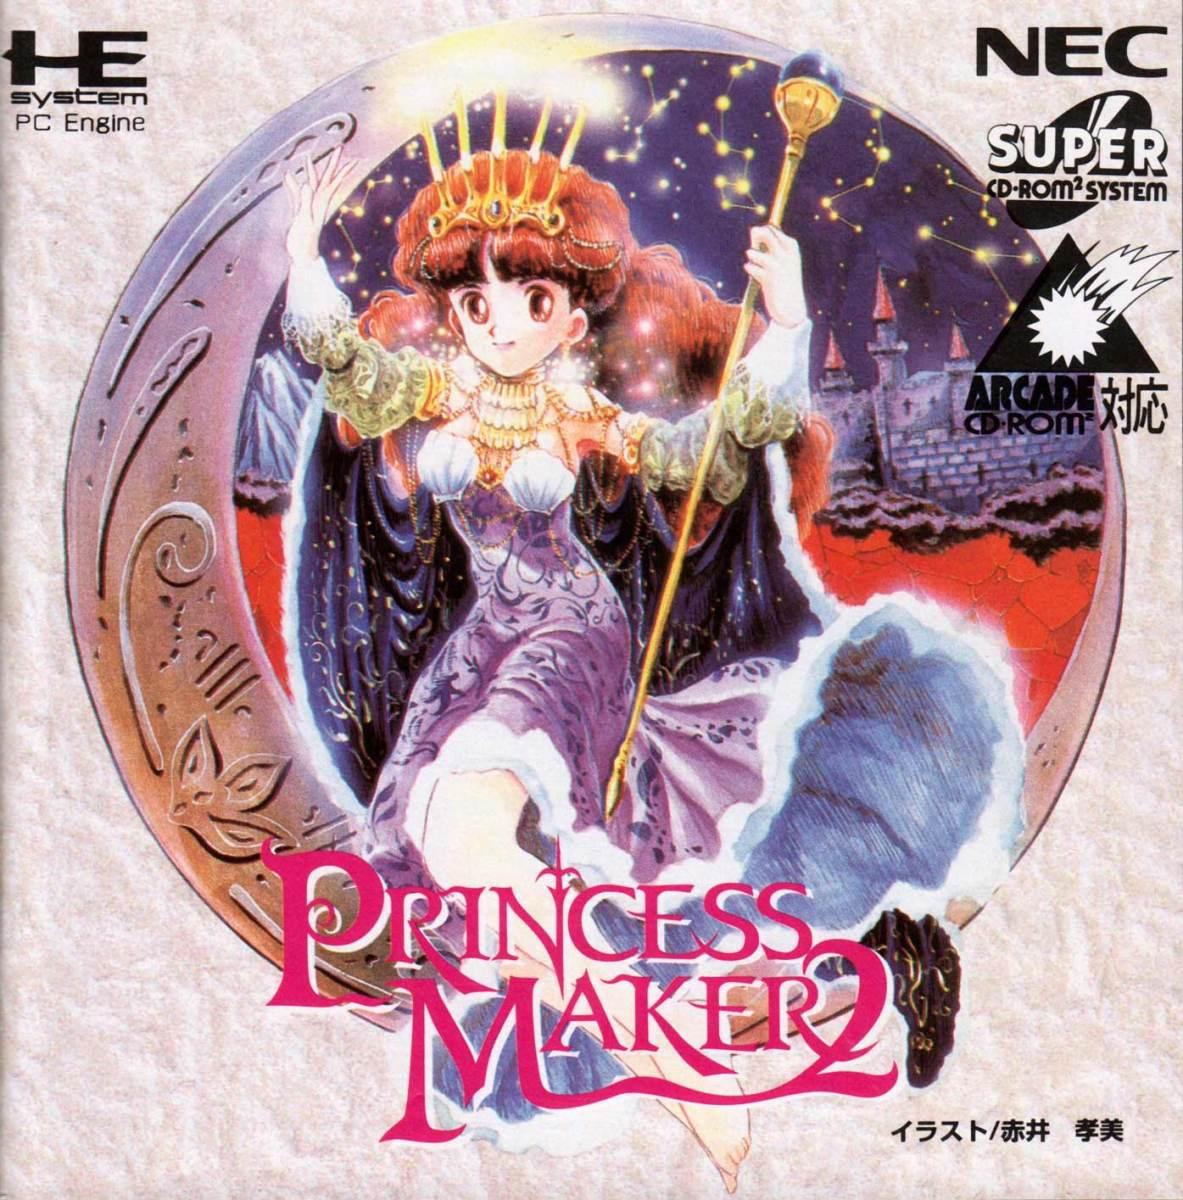 Princess Maker 2 Review | Retro PC Game | Simulation Game | Life Sim | Anime Game